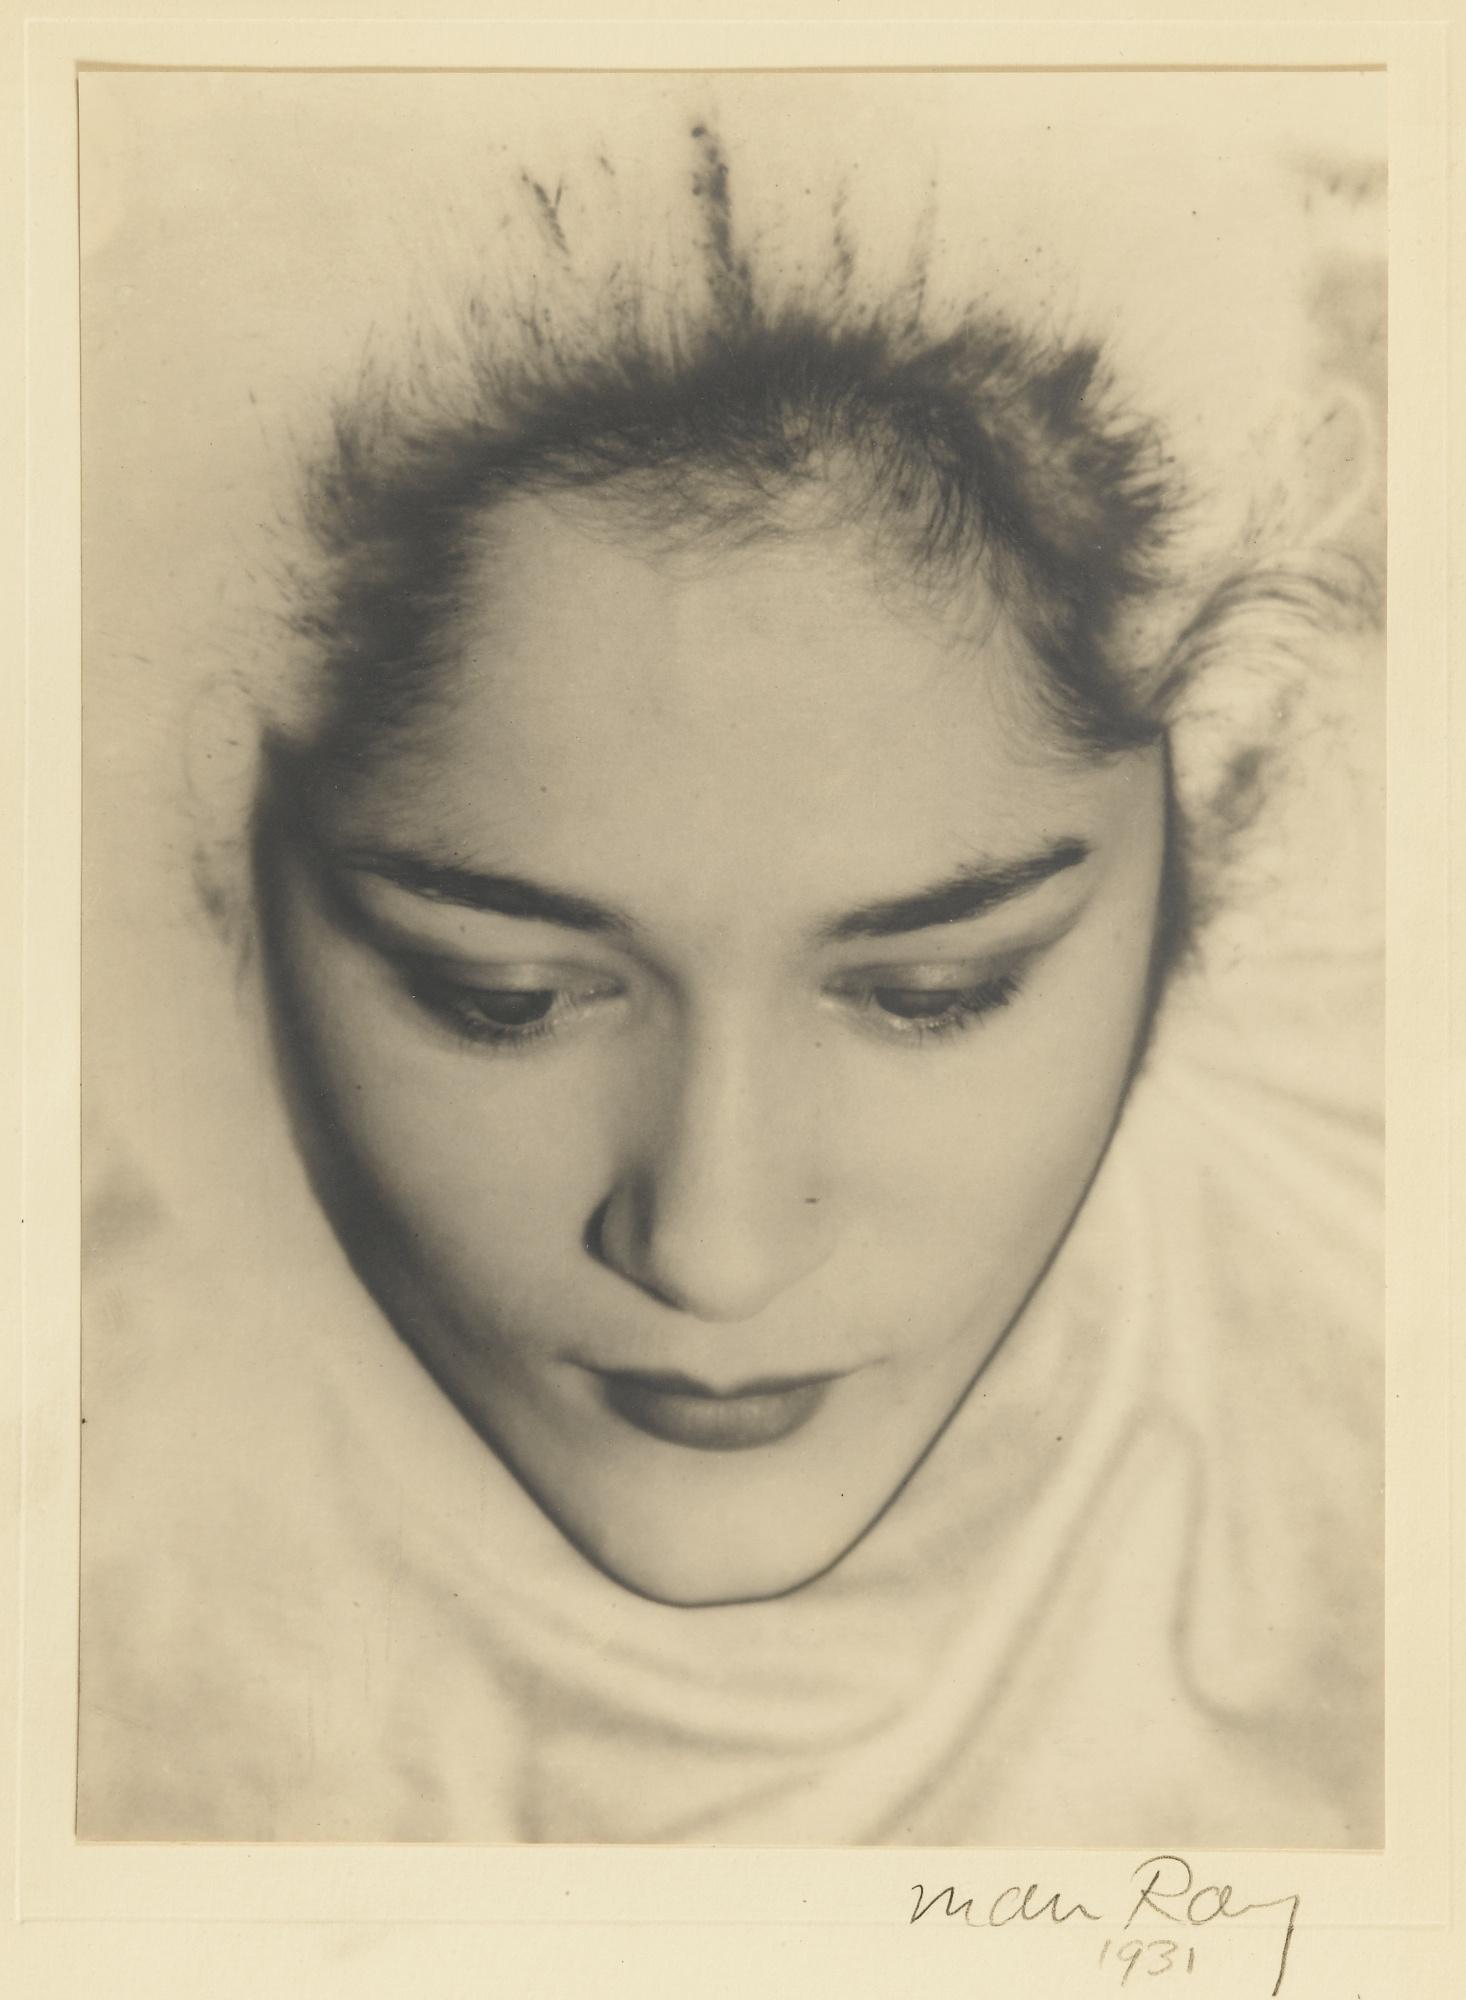 Man Ray-Tanja Ramm Portrait Solarise-1931